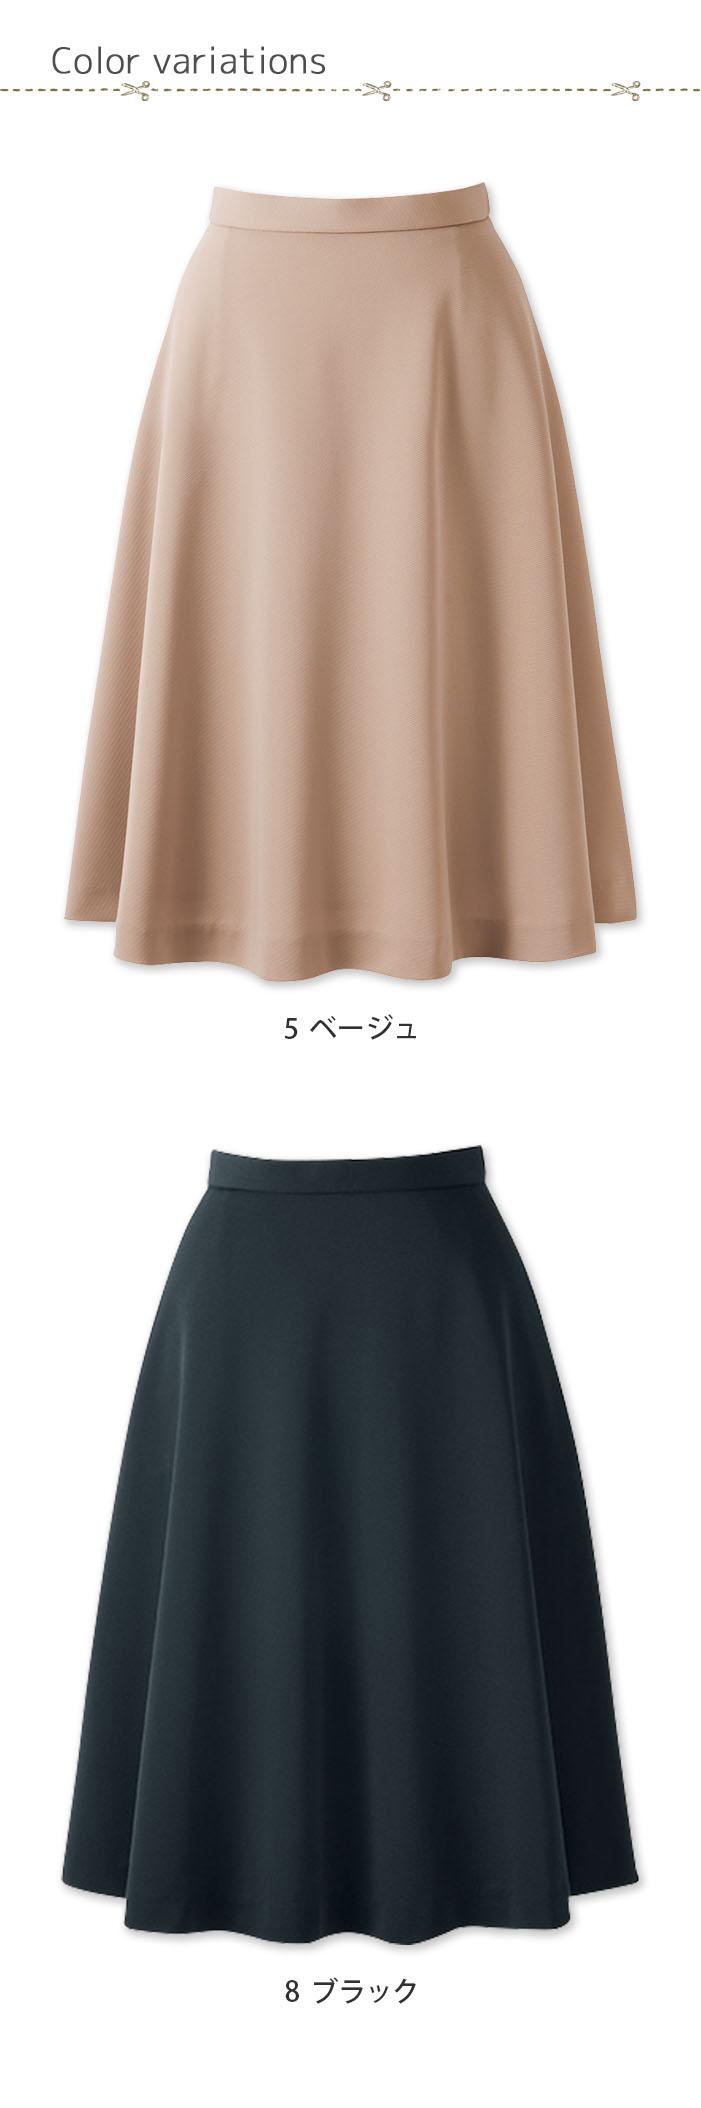 ほどよいフレア感が女性らしさを演出する スカート【2色】